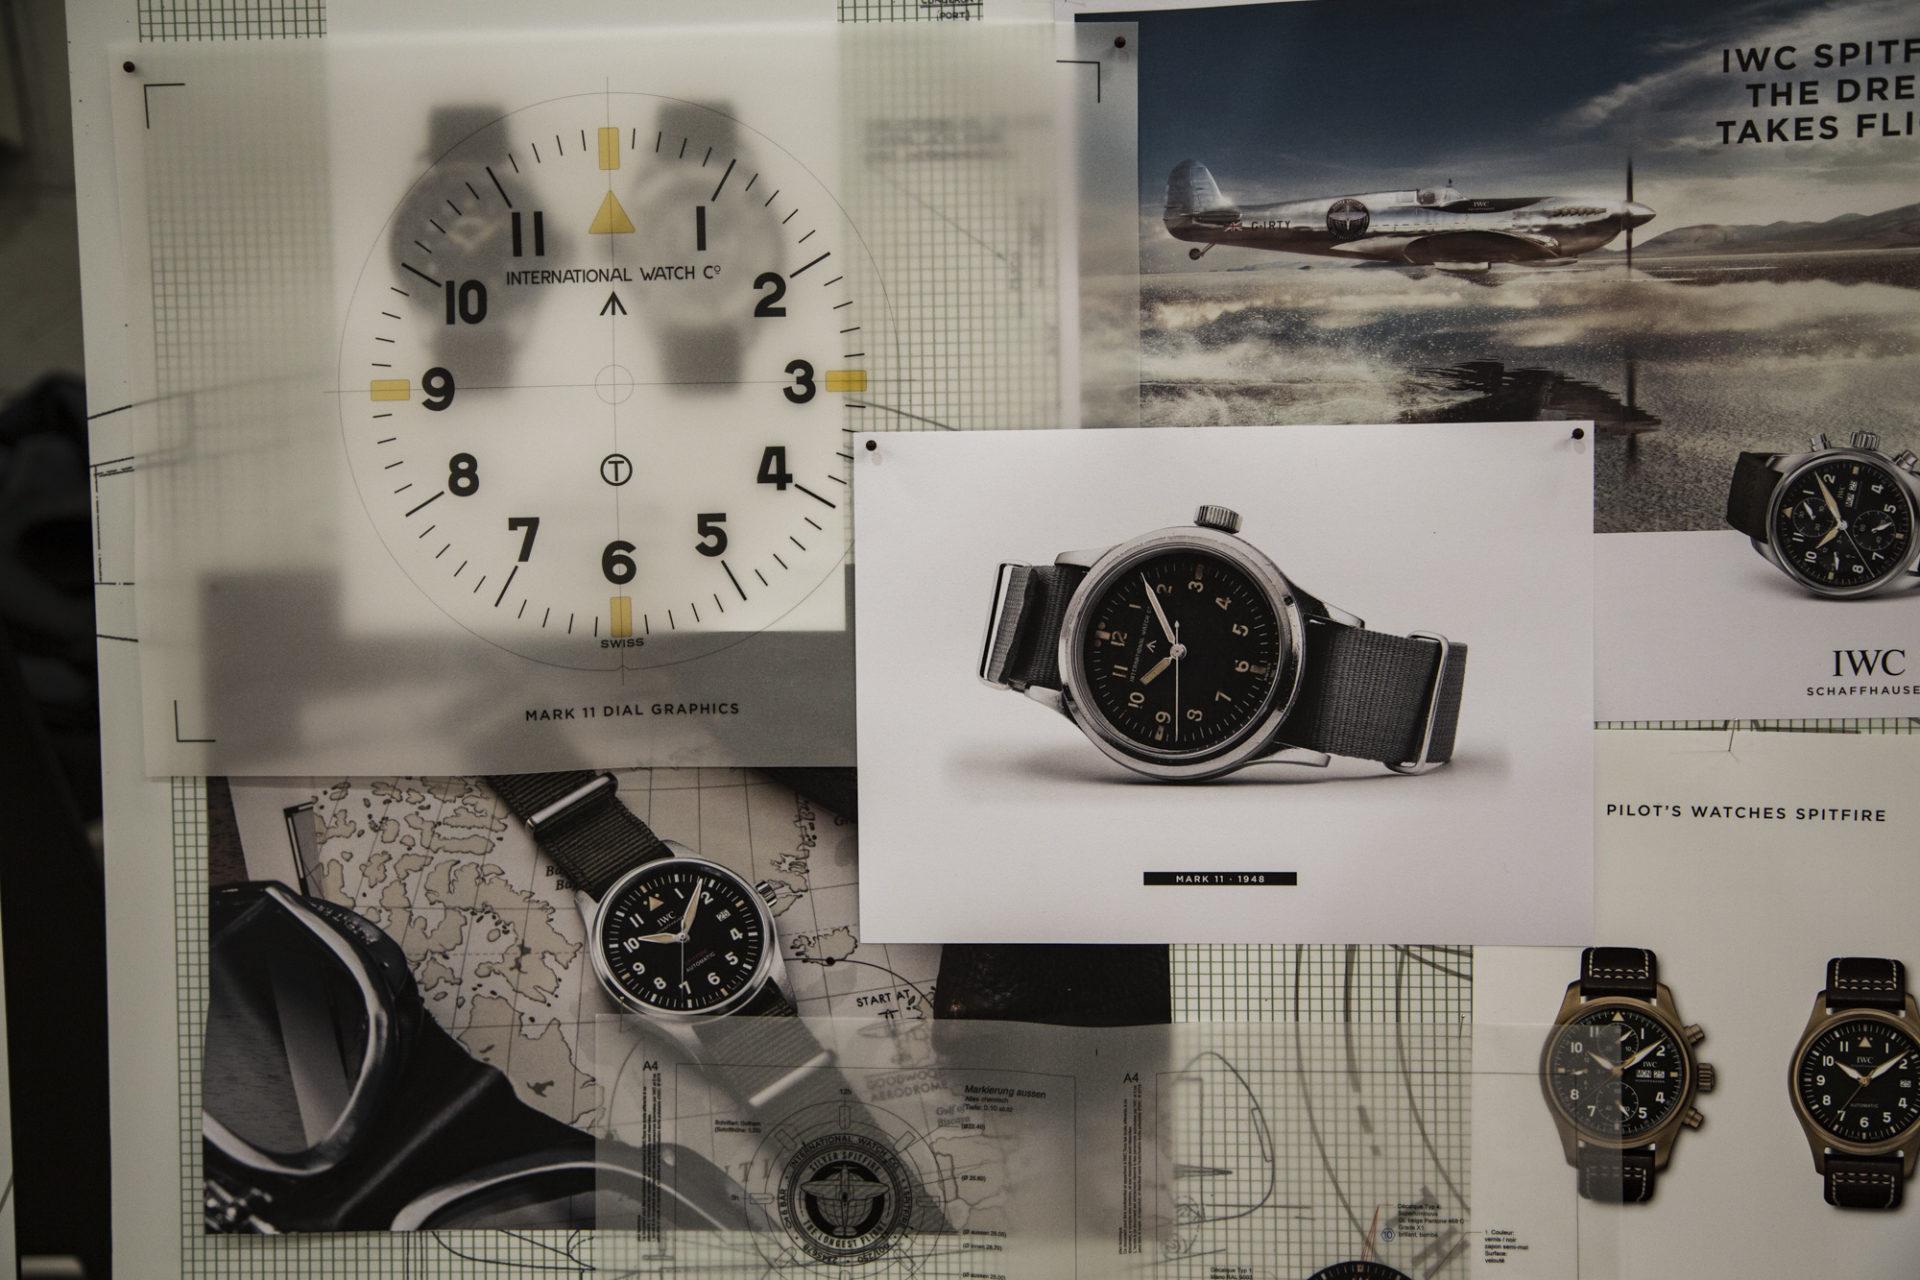 Evolution des montres de Pilote IWC - Mark 11